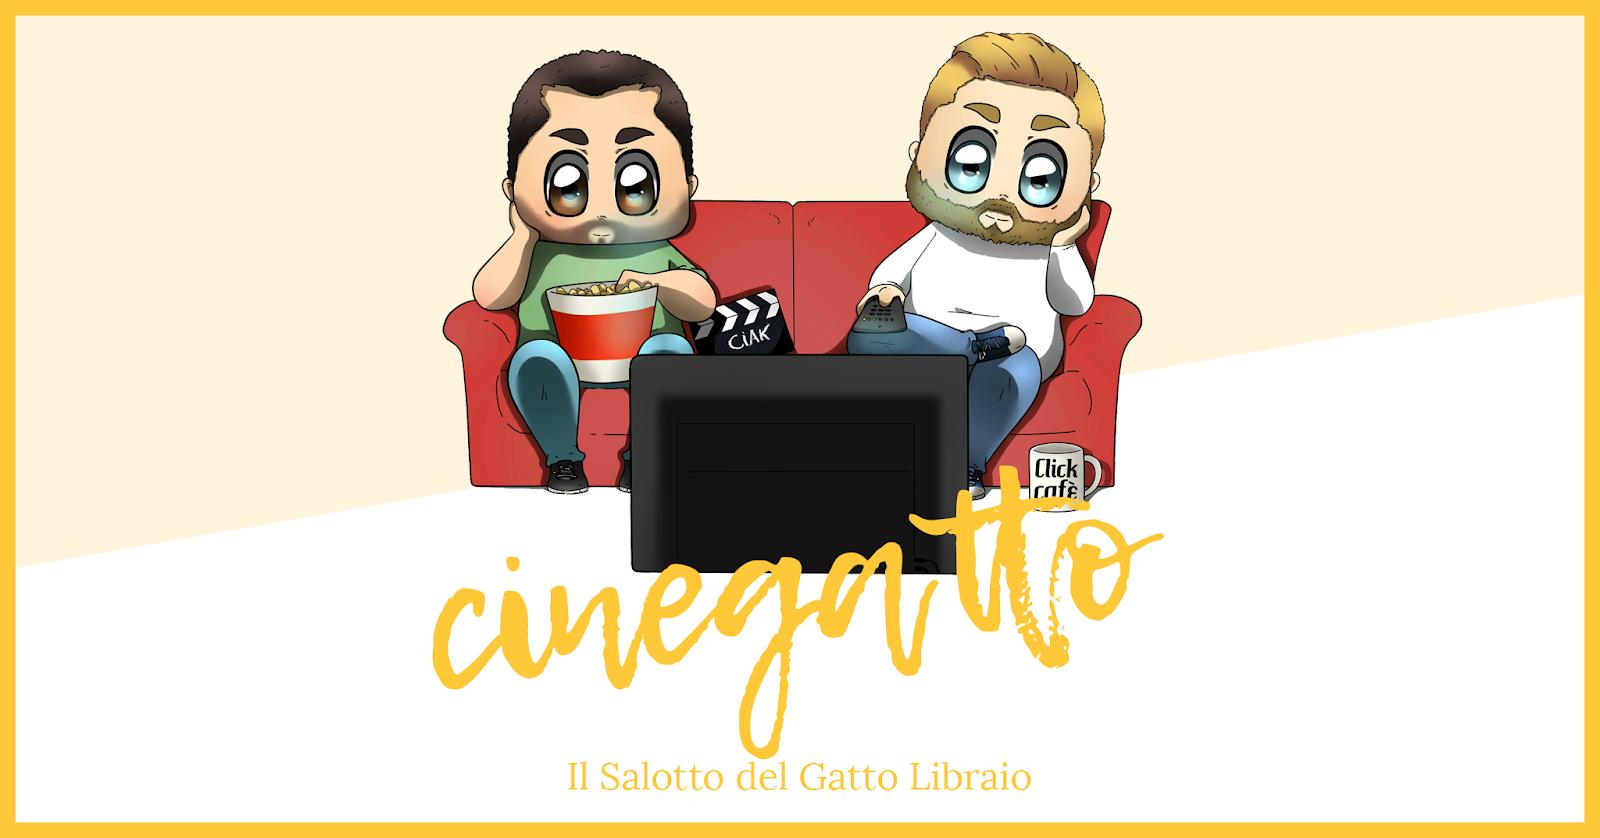 Andare al cinema clipart vector free library CINEGATTO: IO, DIO E BIN LADEN - FILM - Il Salotto del Gatto Libraio vector free library